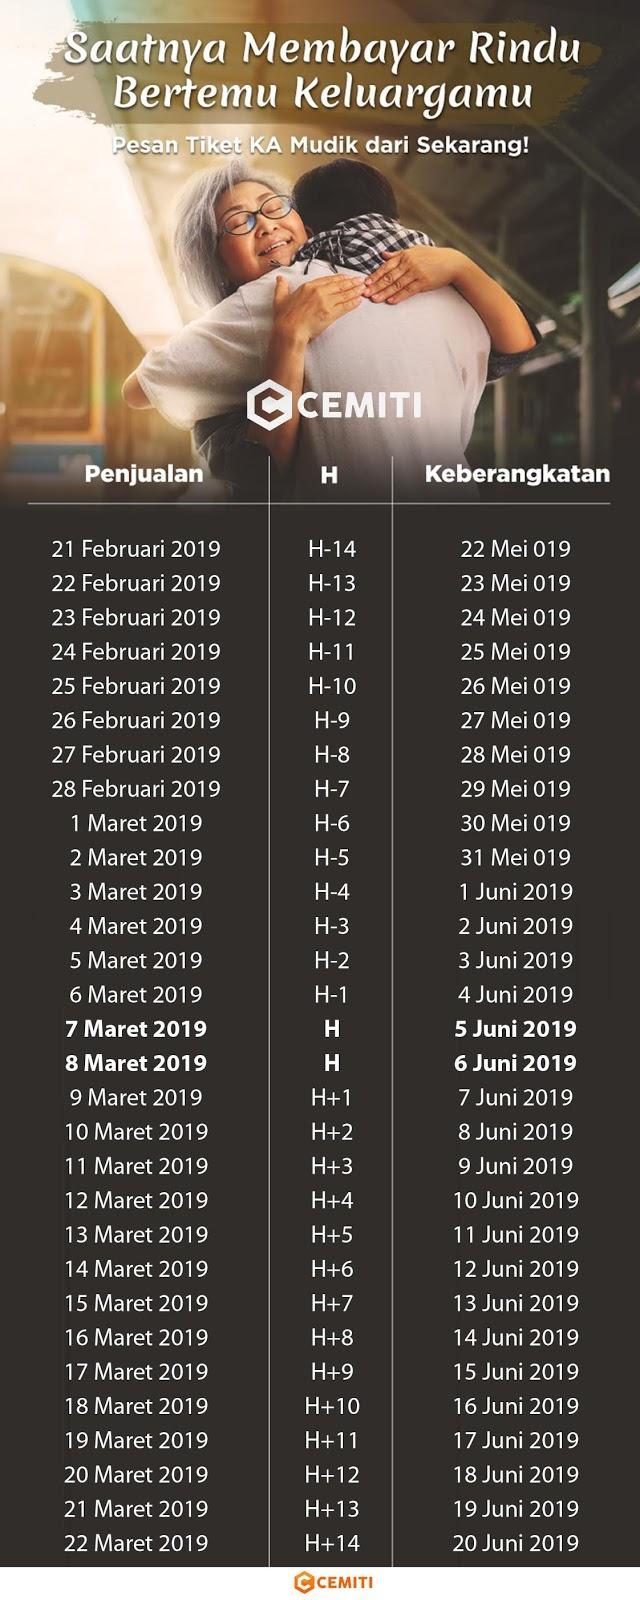 Berikut Jadwal Penjualan tiket kereta api dari H-14 sampai H+14 Mudik Lebaran 2019